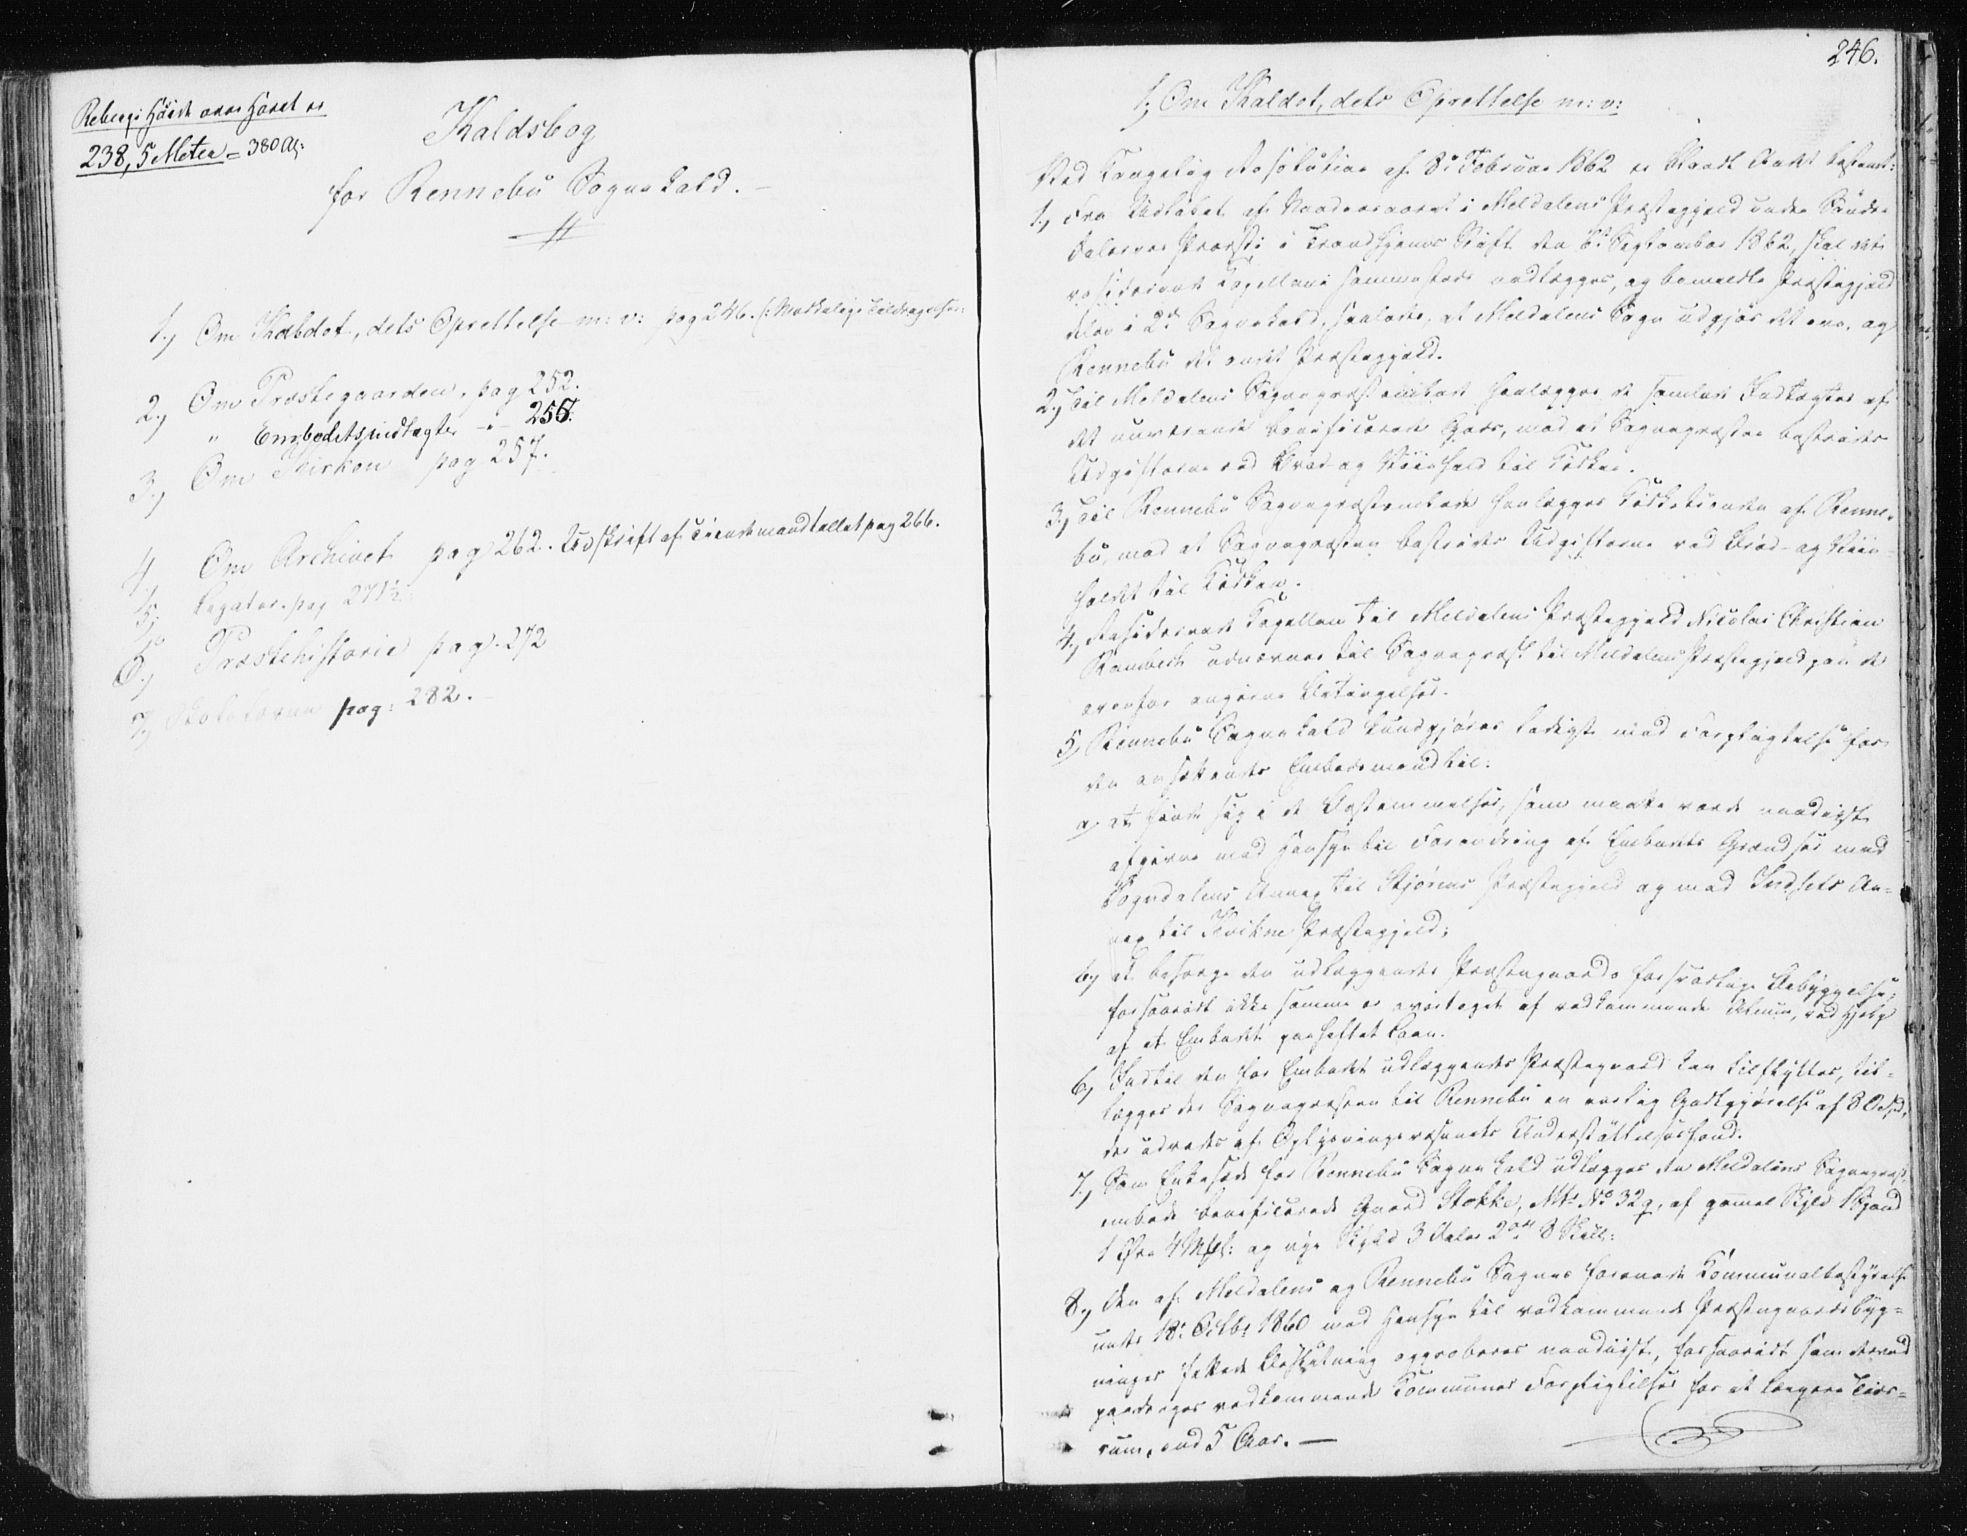 SAT, Ministerialprotokoller, klokkerbøker og fødselsregistre - Sør-Trøndelag, 674/L0869: Ministerialbok nr. 674A01, 1829-1860, s. 246